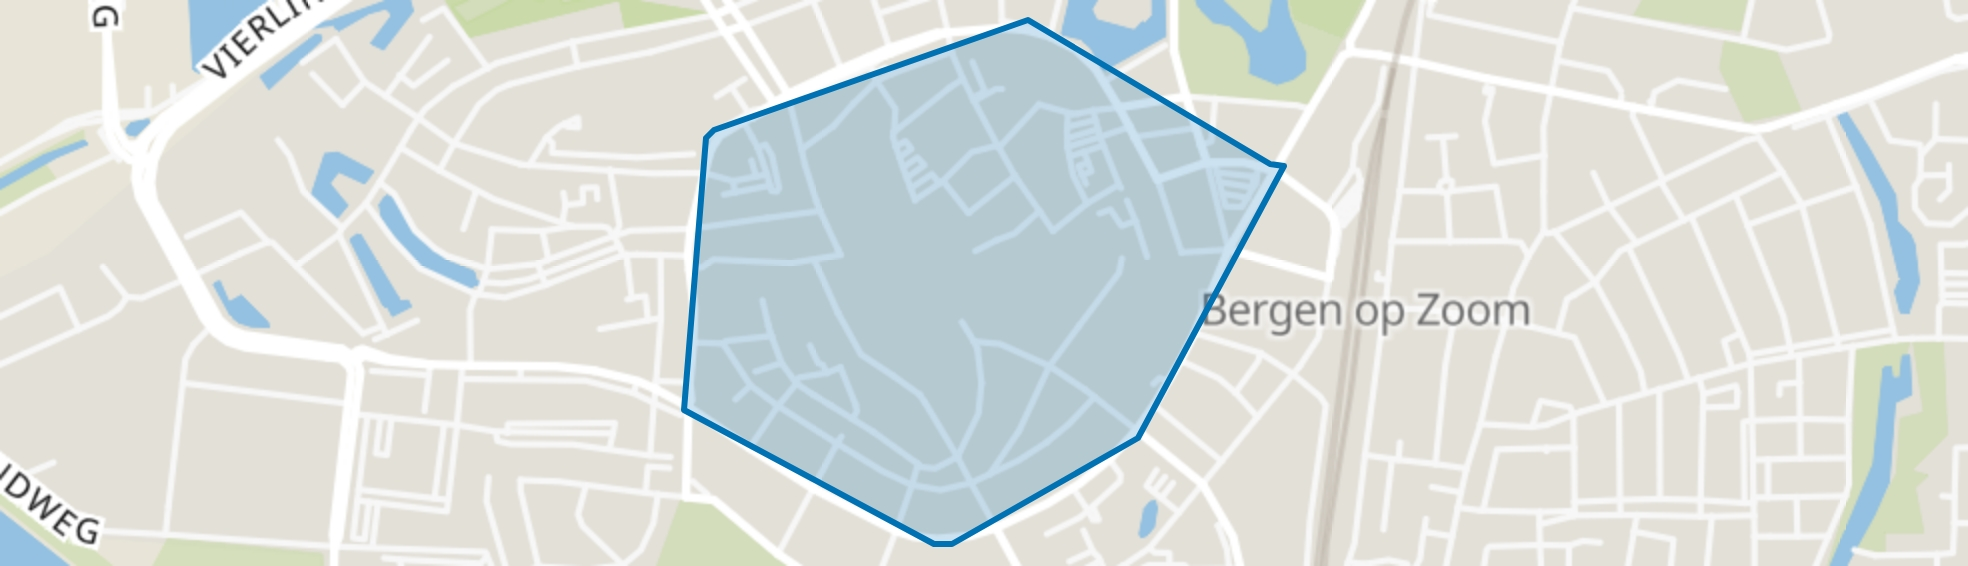 Centrum, Bergen op Zoom map